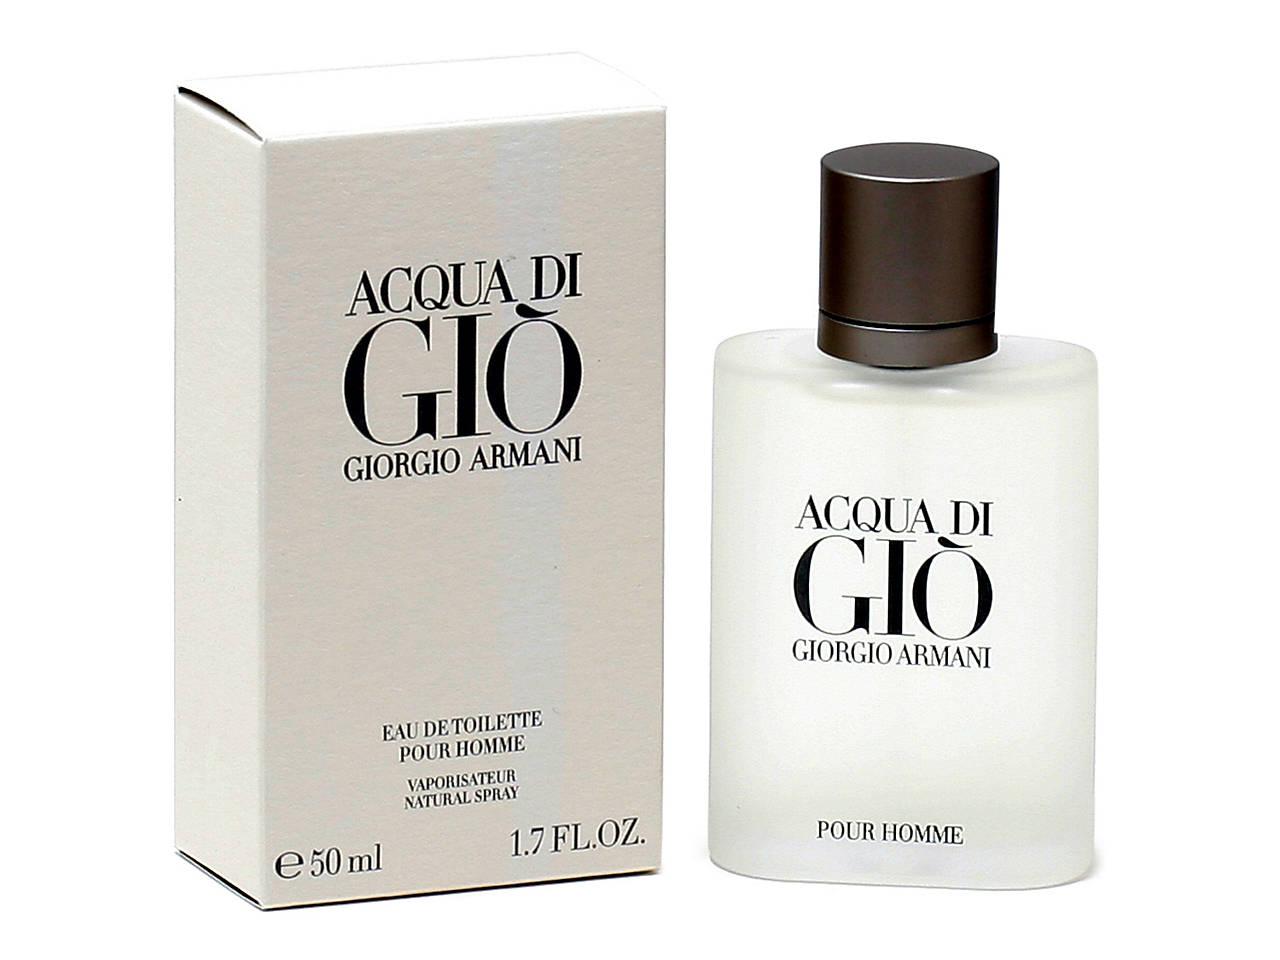 6fdf8a520c Giorgio Armani - Fragrance Aqua Di Gio Eau de Toilette Spray - Men s ...